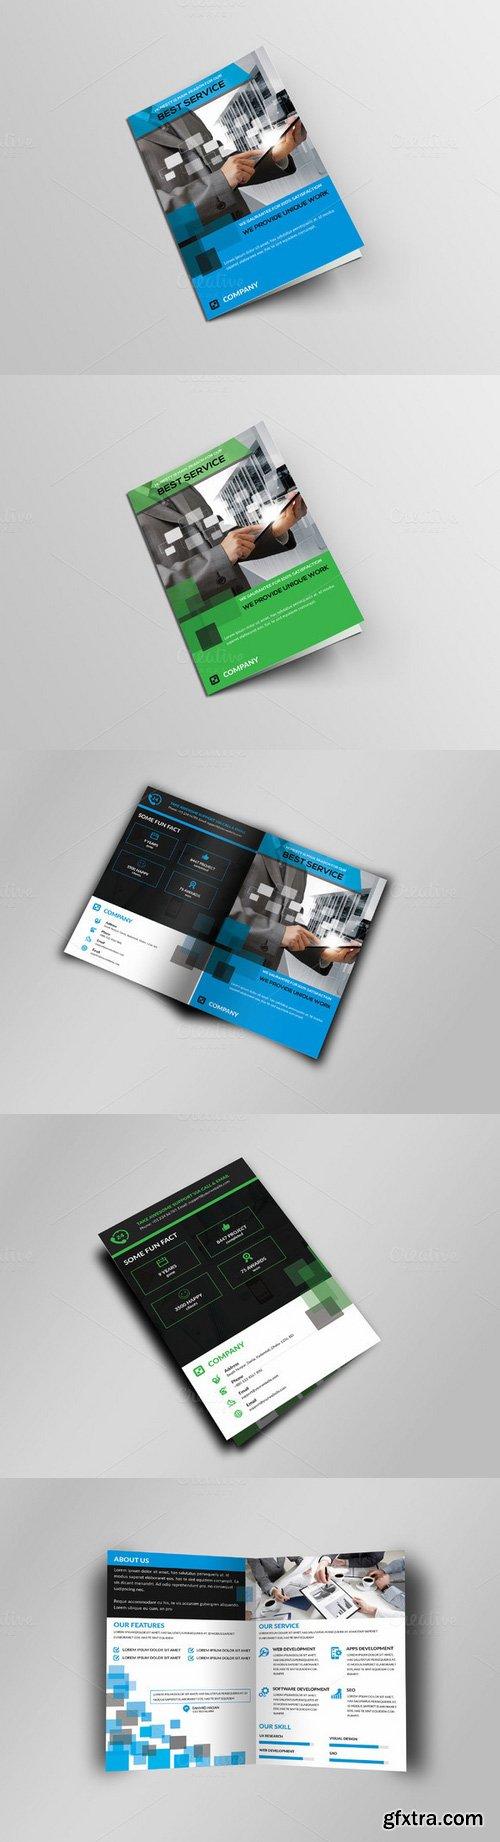 CM - Corporate Business Bi-Fold Brochure 329217